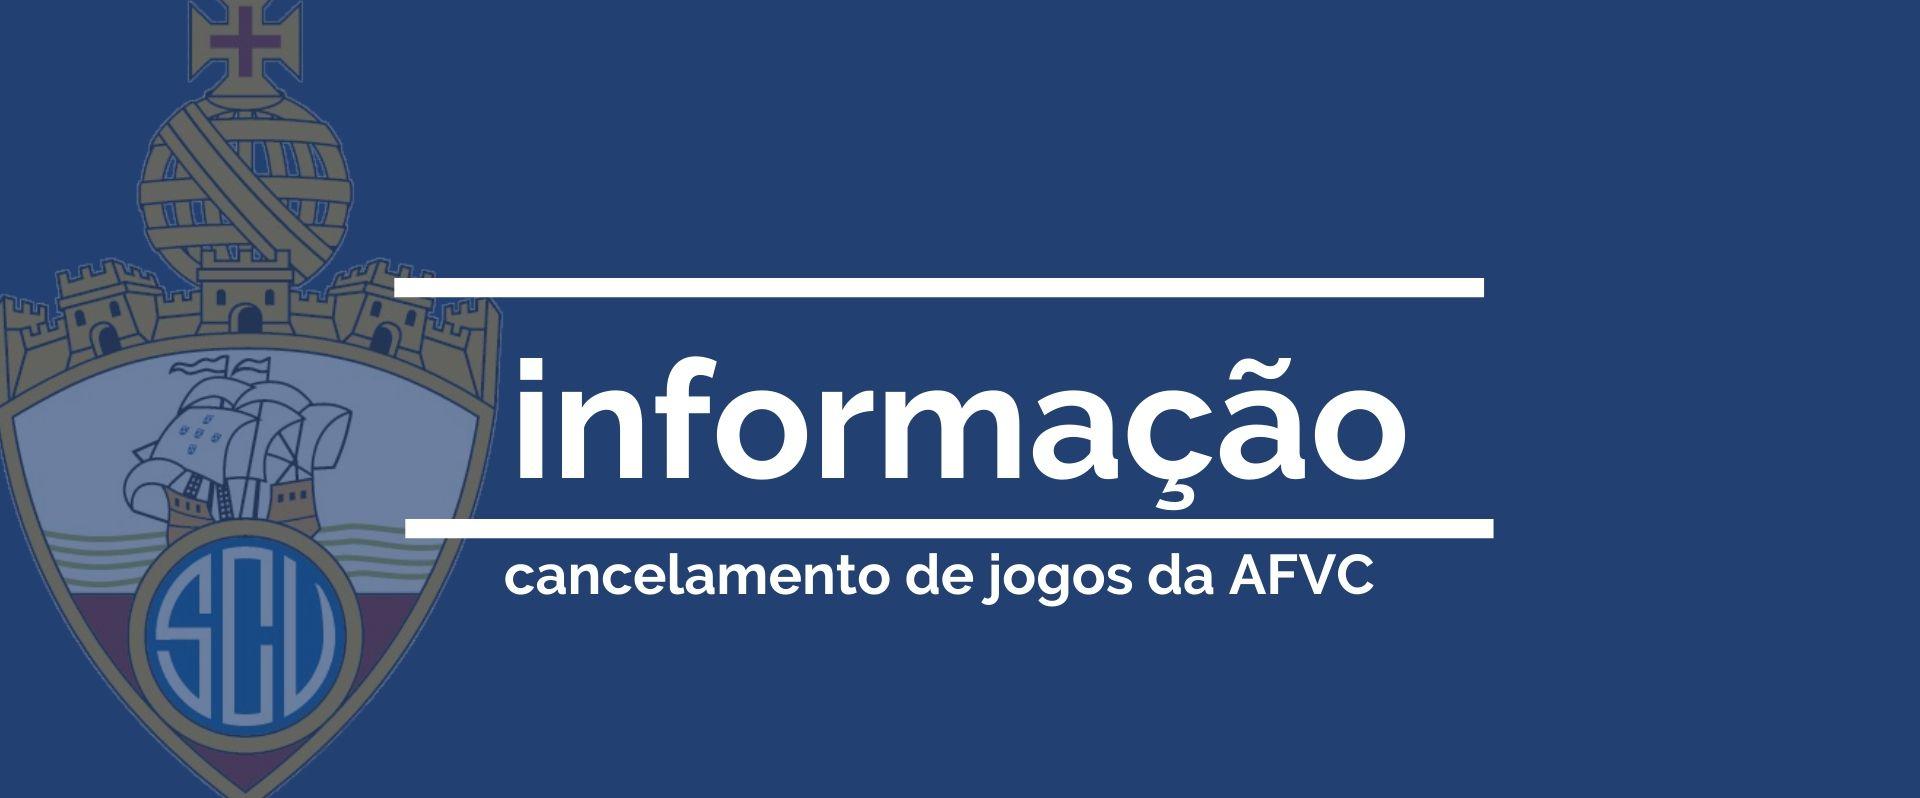 COVID-19: AFVC cancela a realização dos jogos do fim de semana!